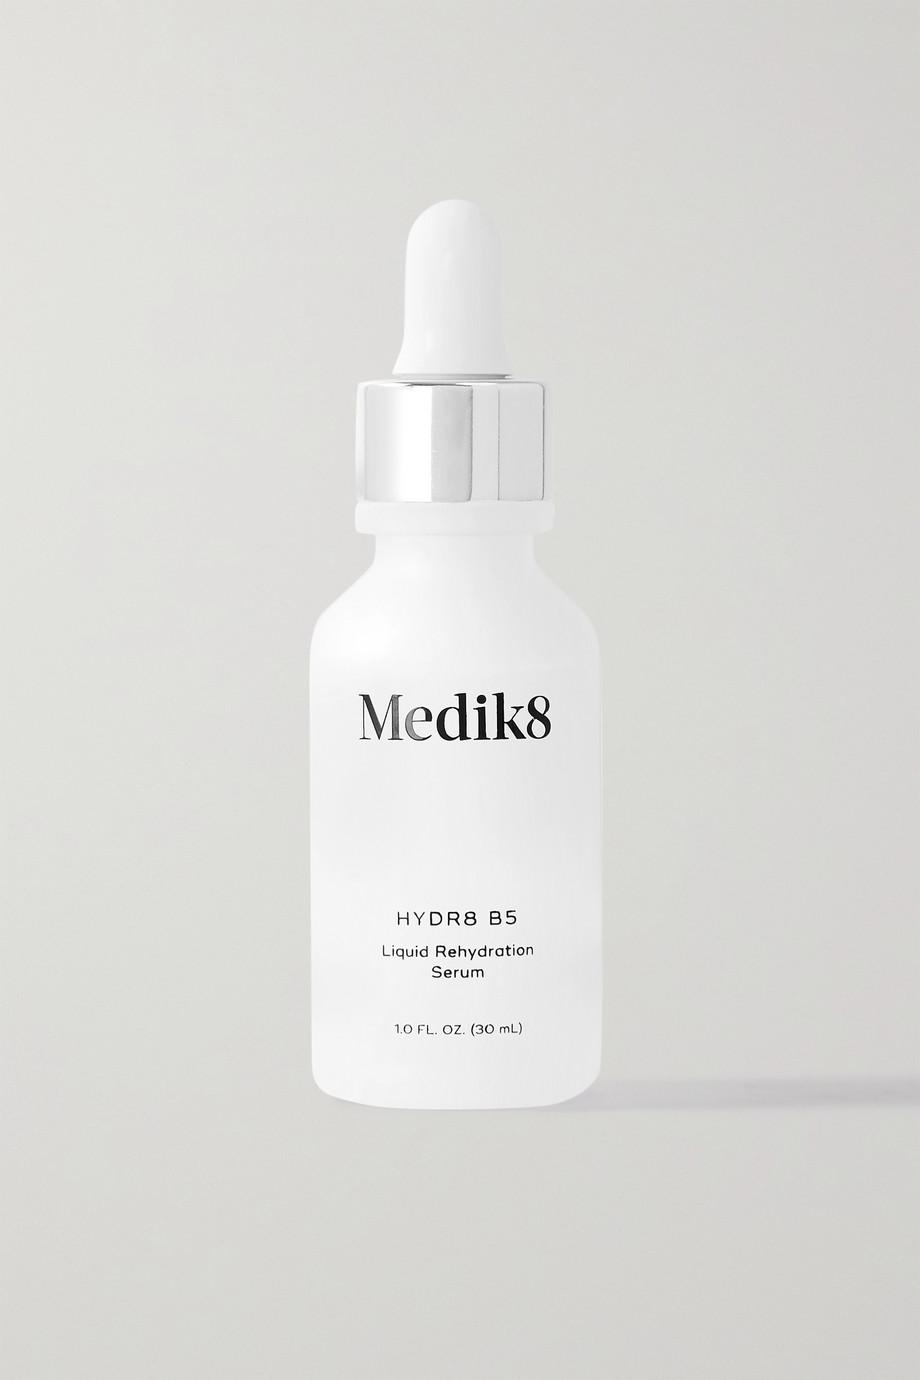 Medik8 Hydr8 B5, 30 ml – Serum